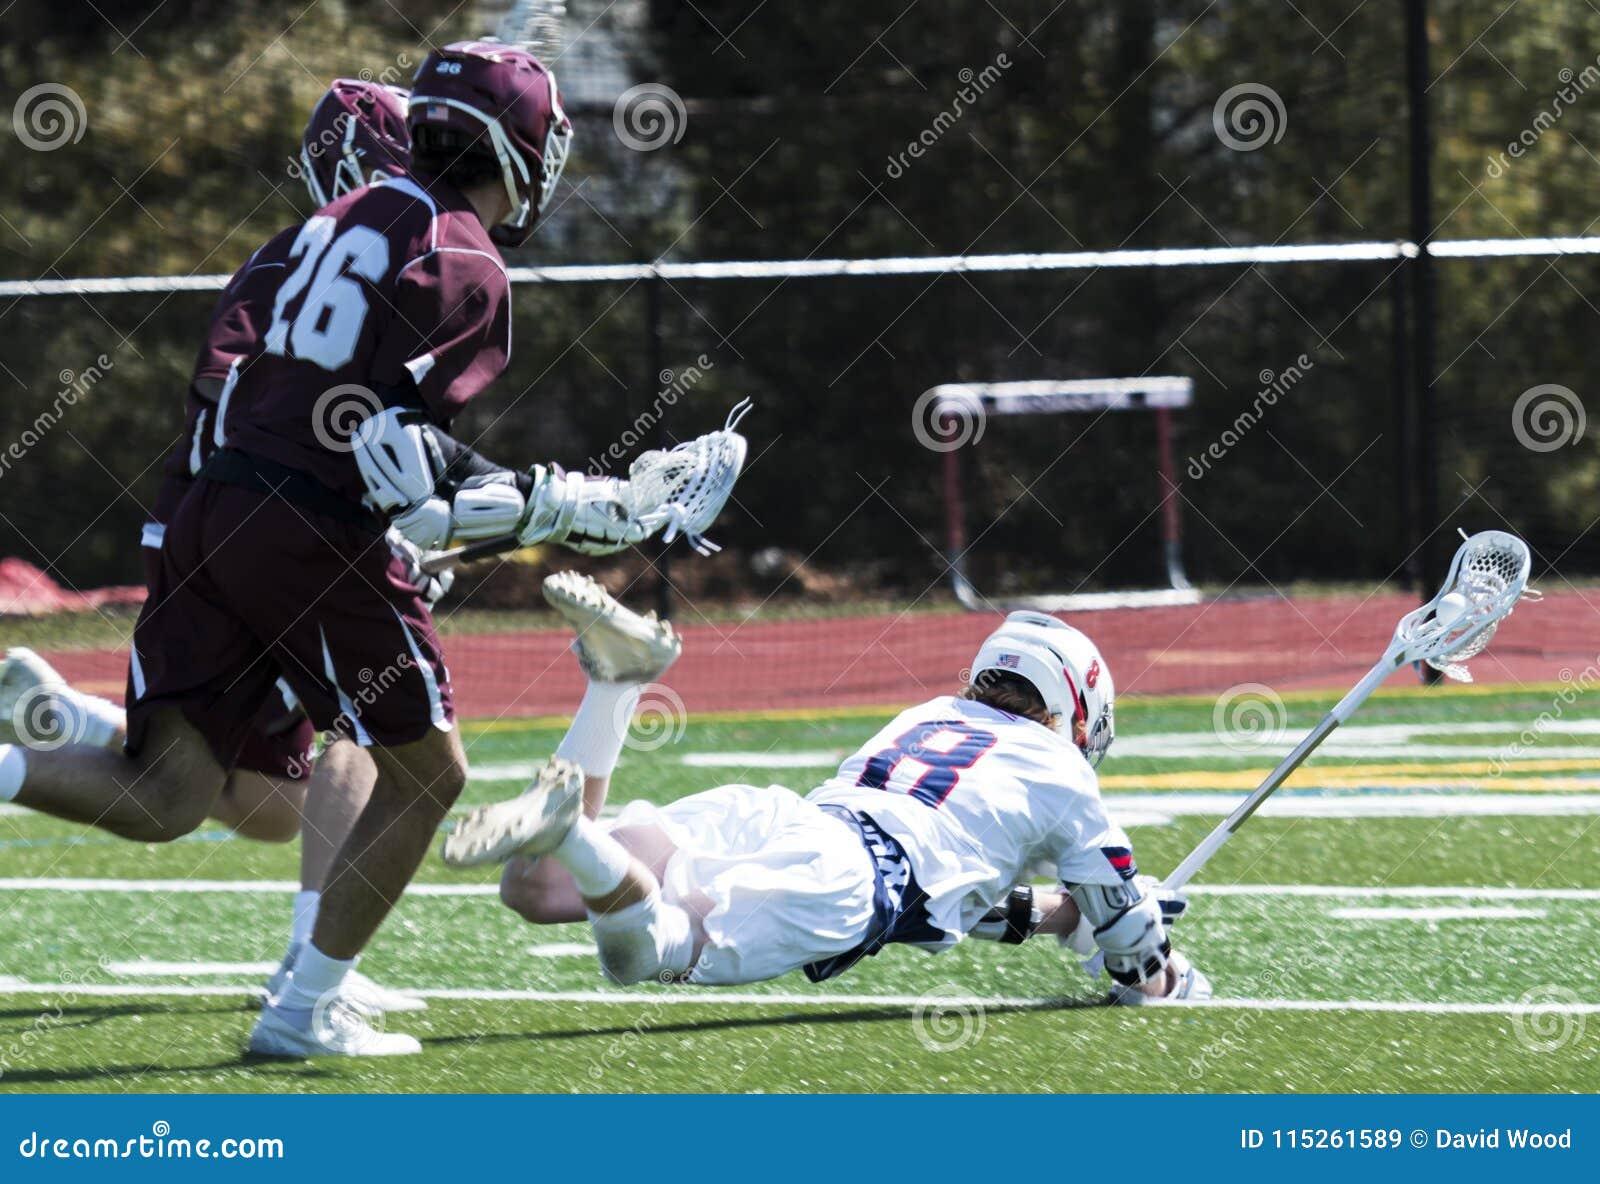 Παίκτες που πέφτουν κατά τη διάρκεια ενός παιχνιδιού λακρός